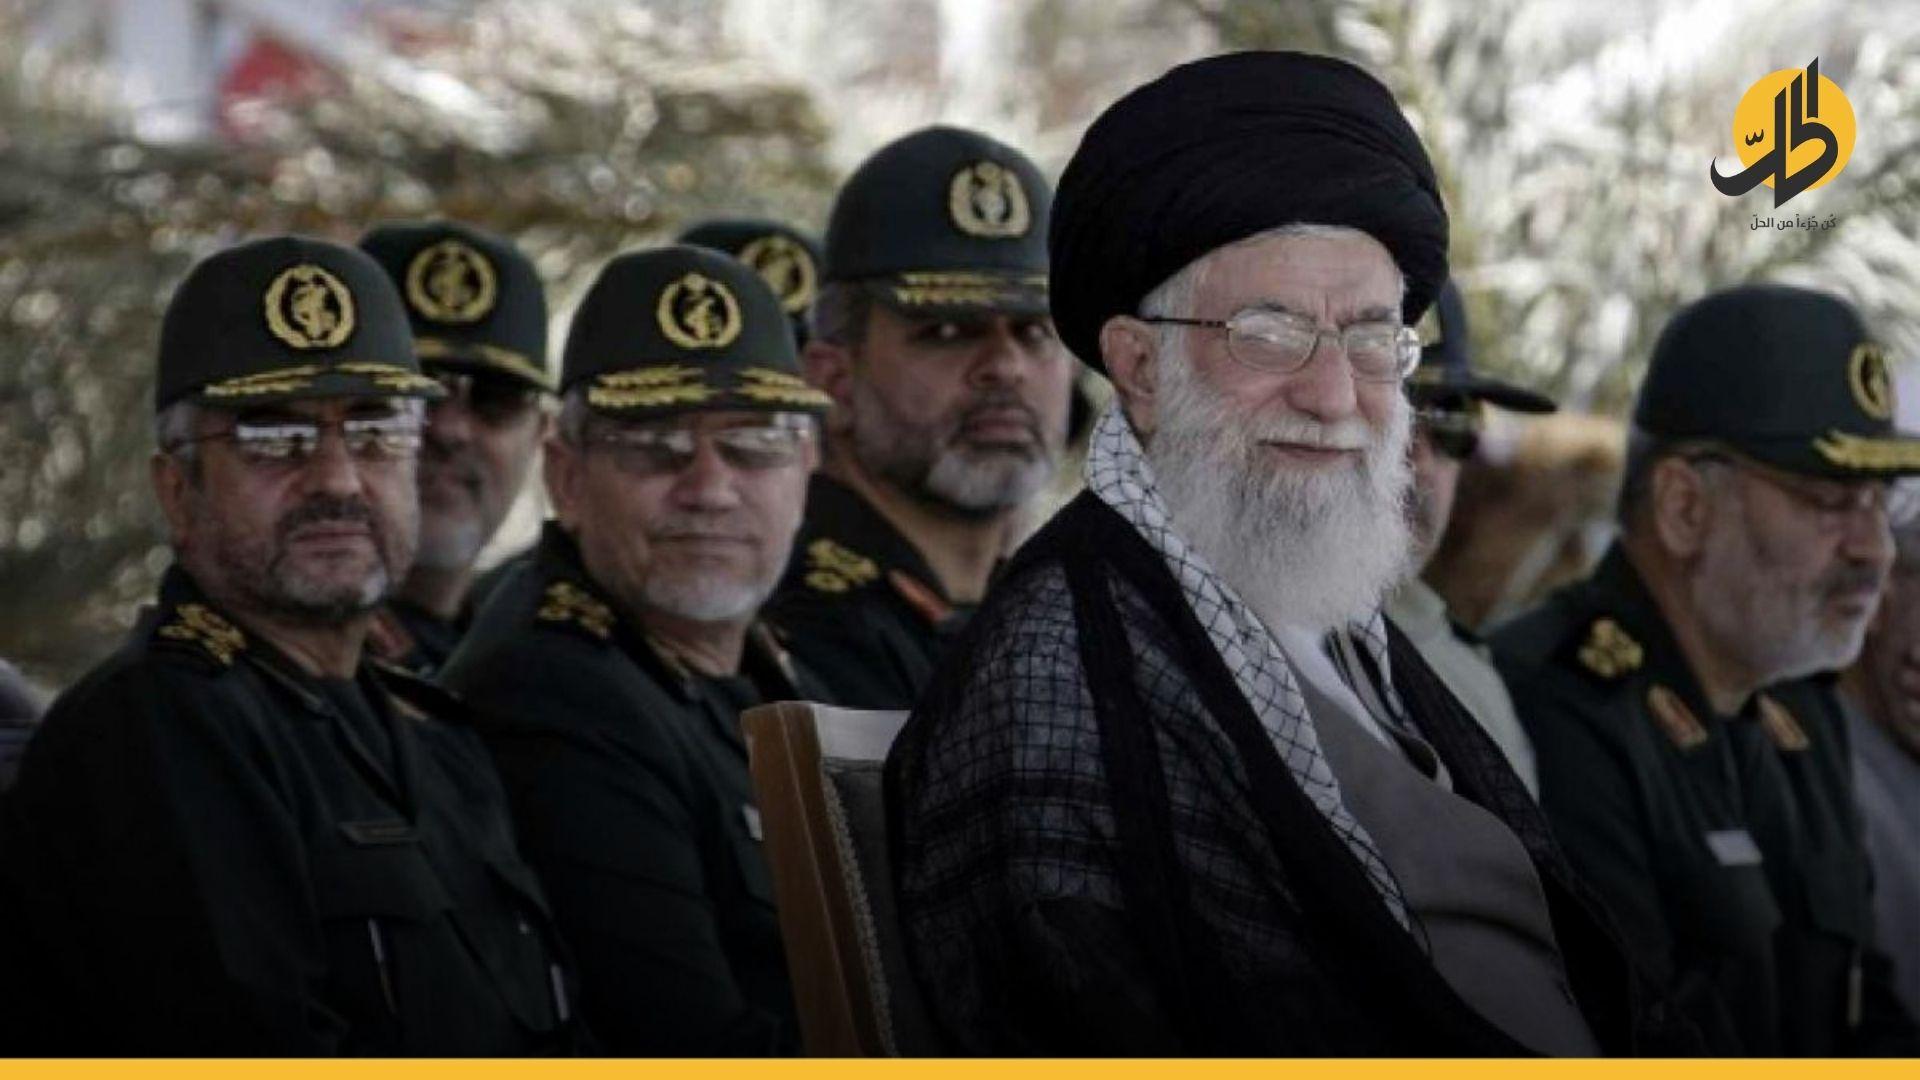 """ناشطون في كندا يطلقون حملةً لإقناع الحكومة بوضع """"الثوري الإيراني"""" على لائحة الإرهاب"""